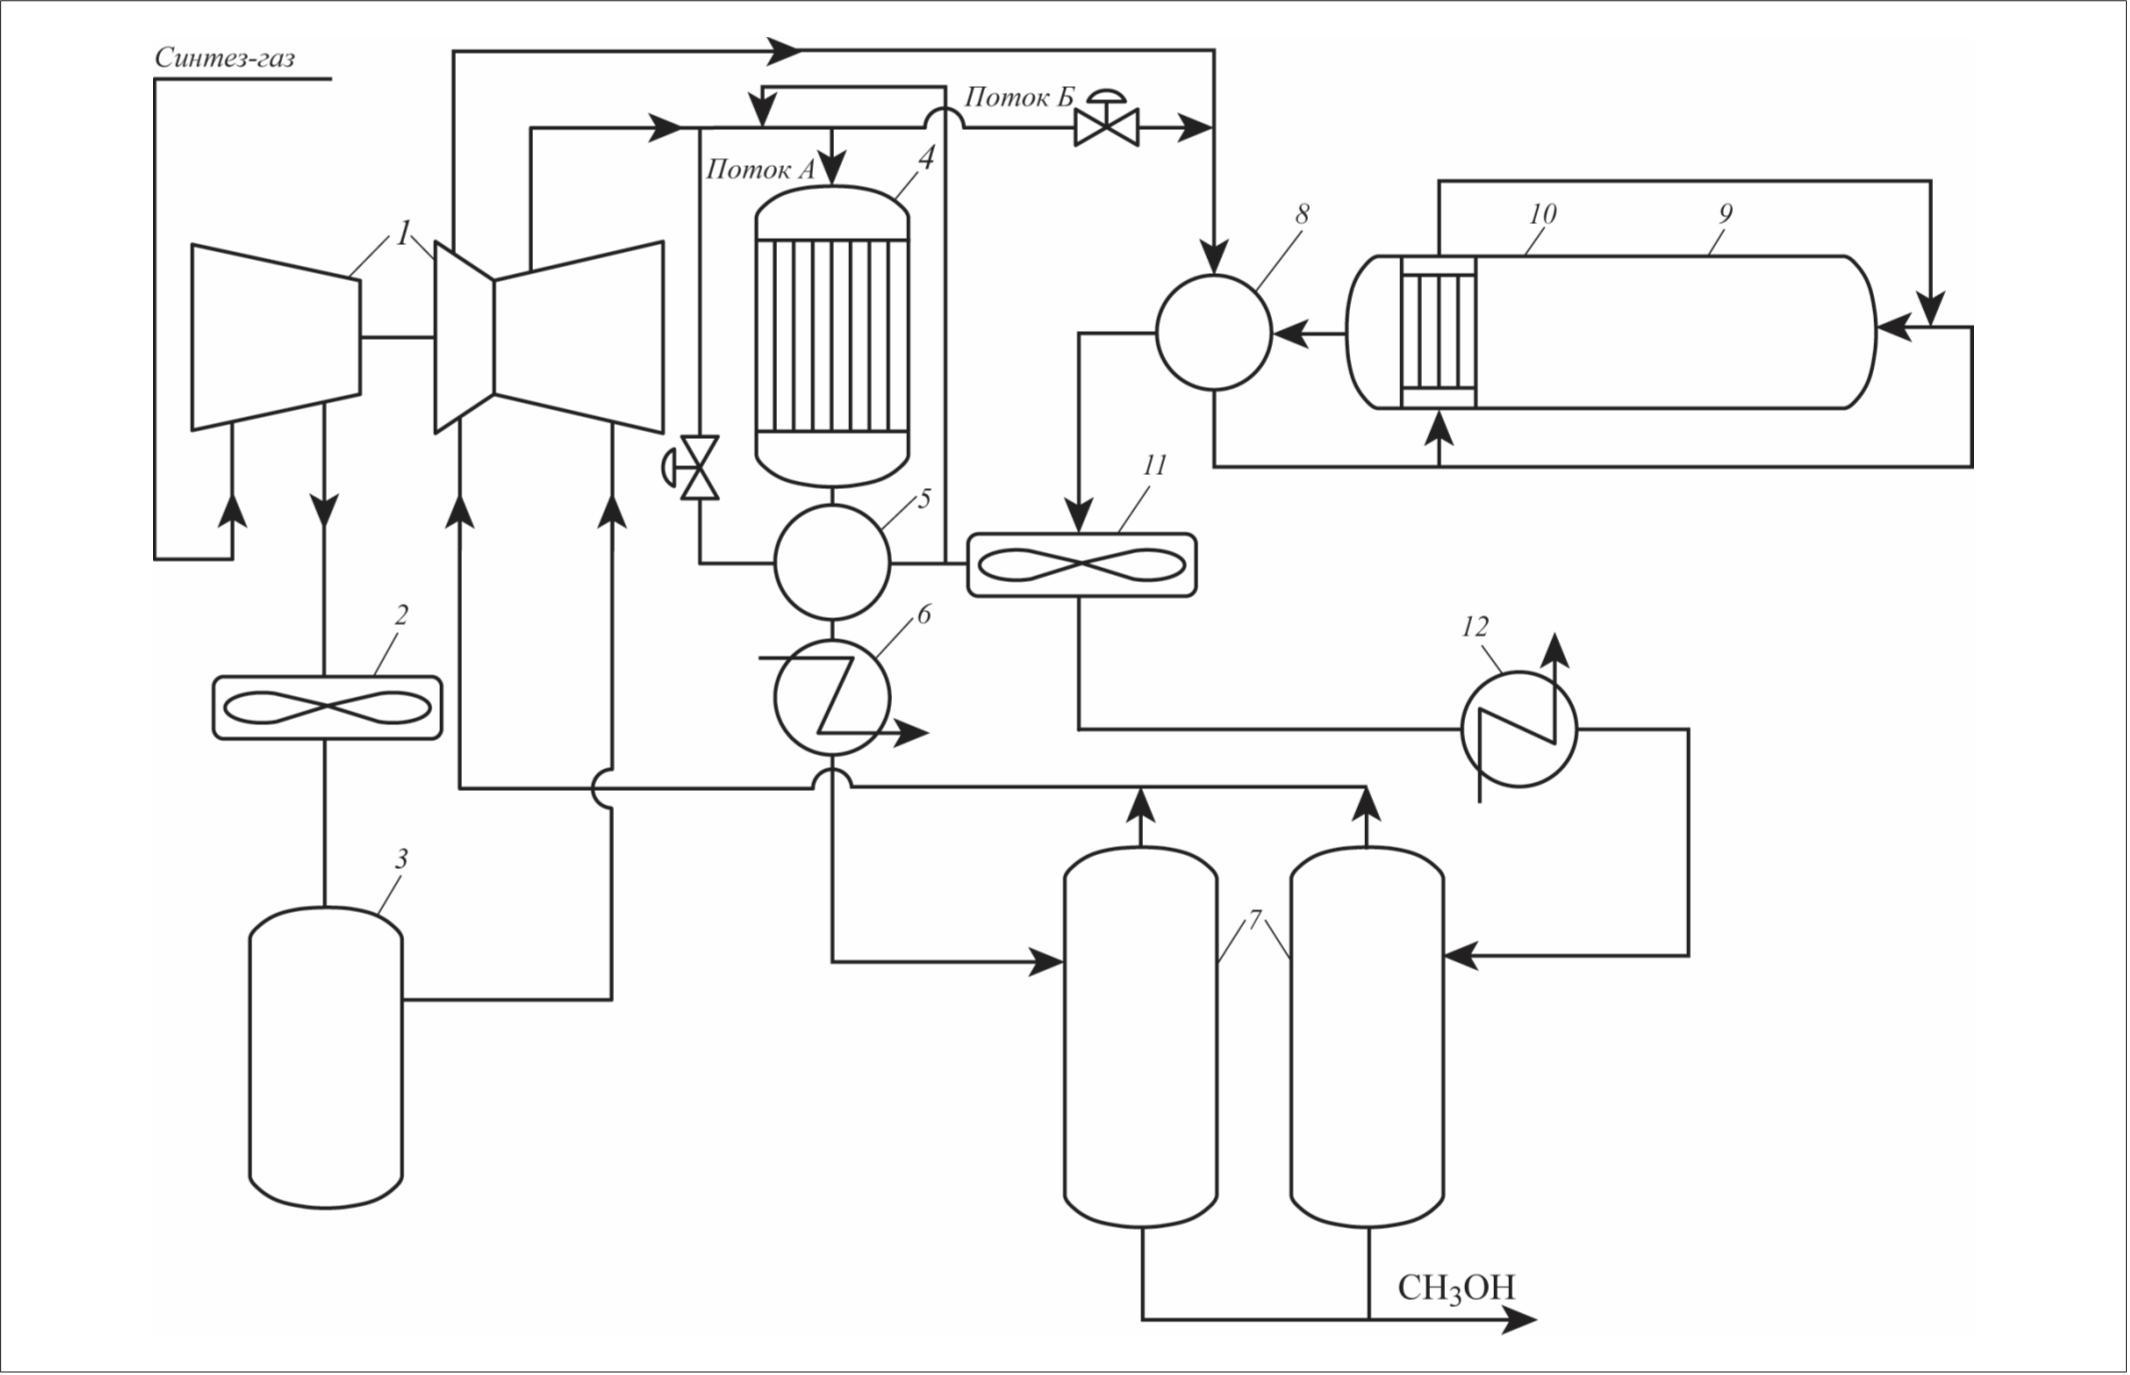 Рис. 1. Технологическая схема получения метанола с подачей СО2